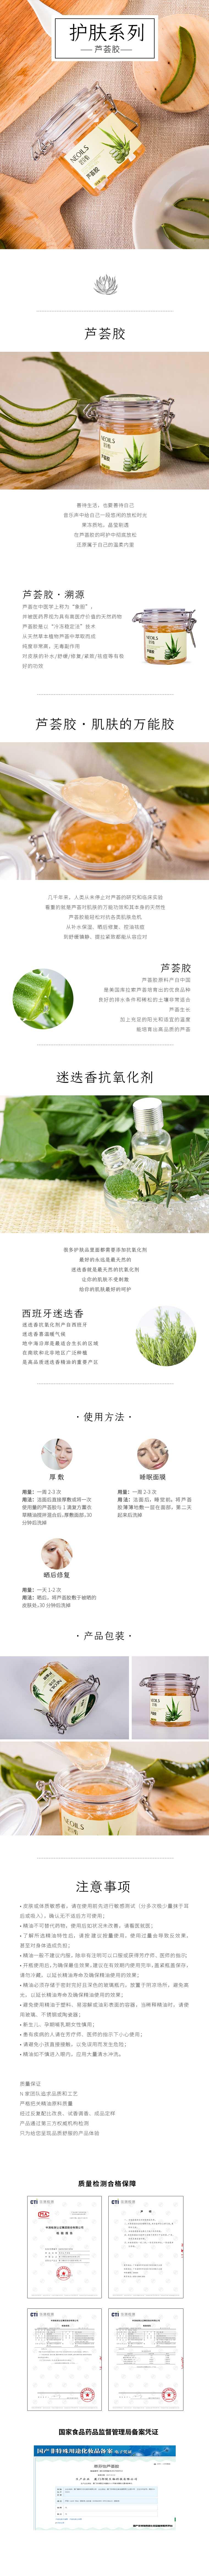 恩芬怡芦荟胶